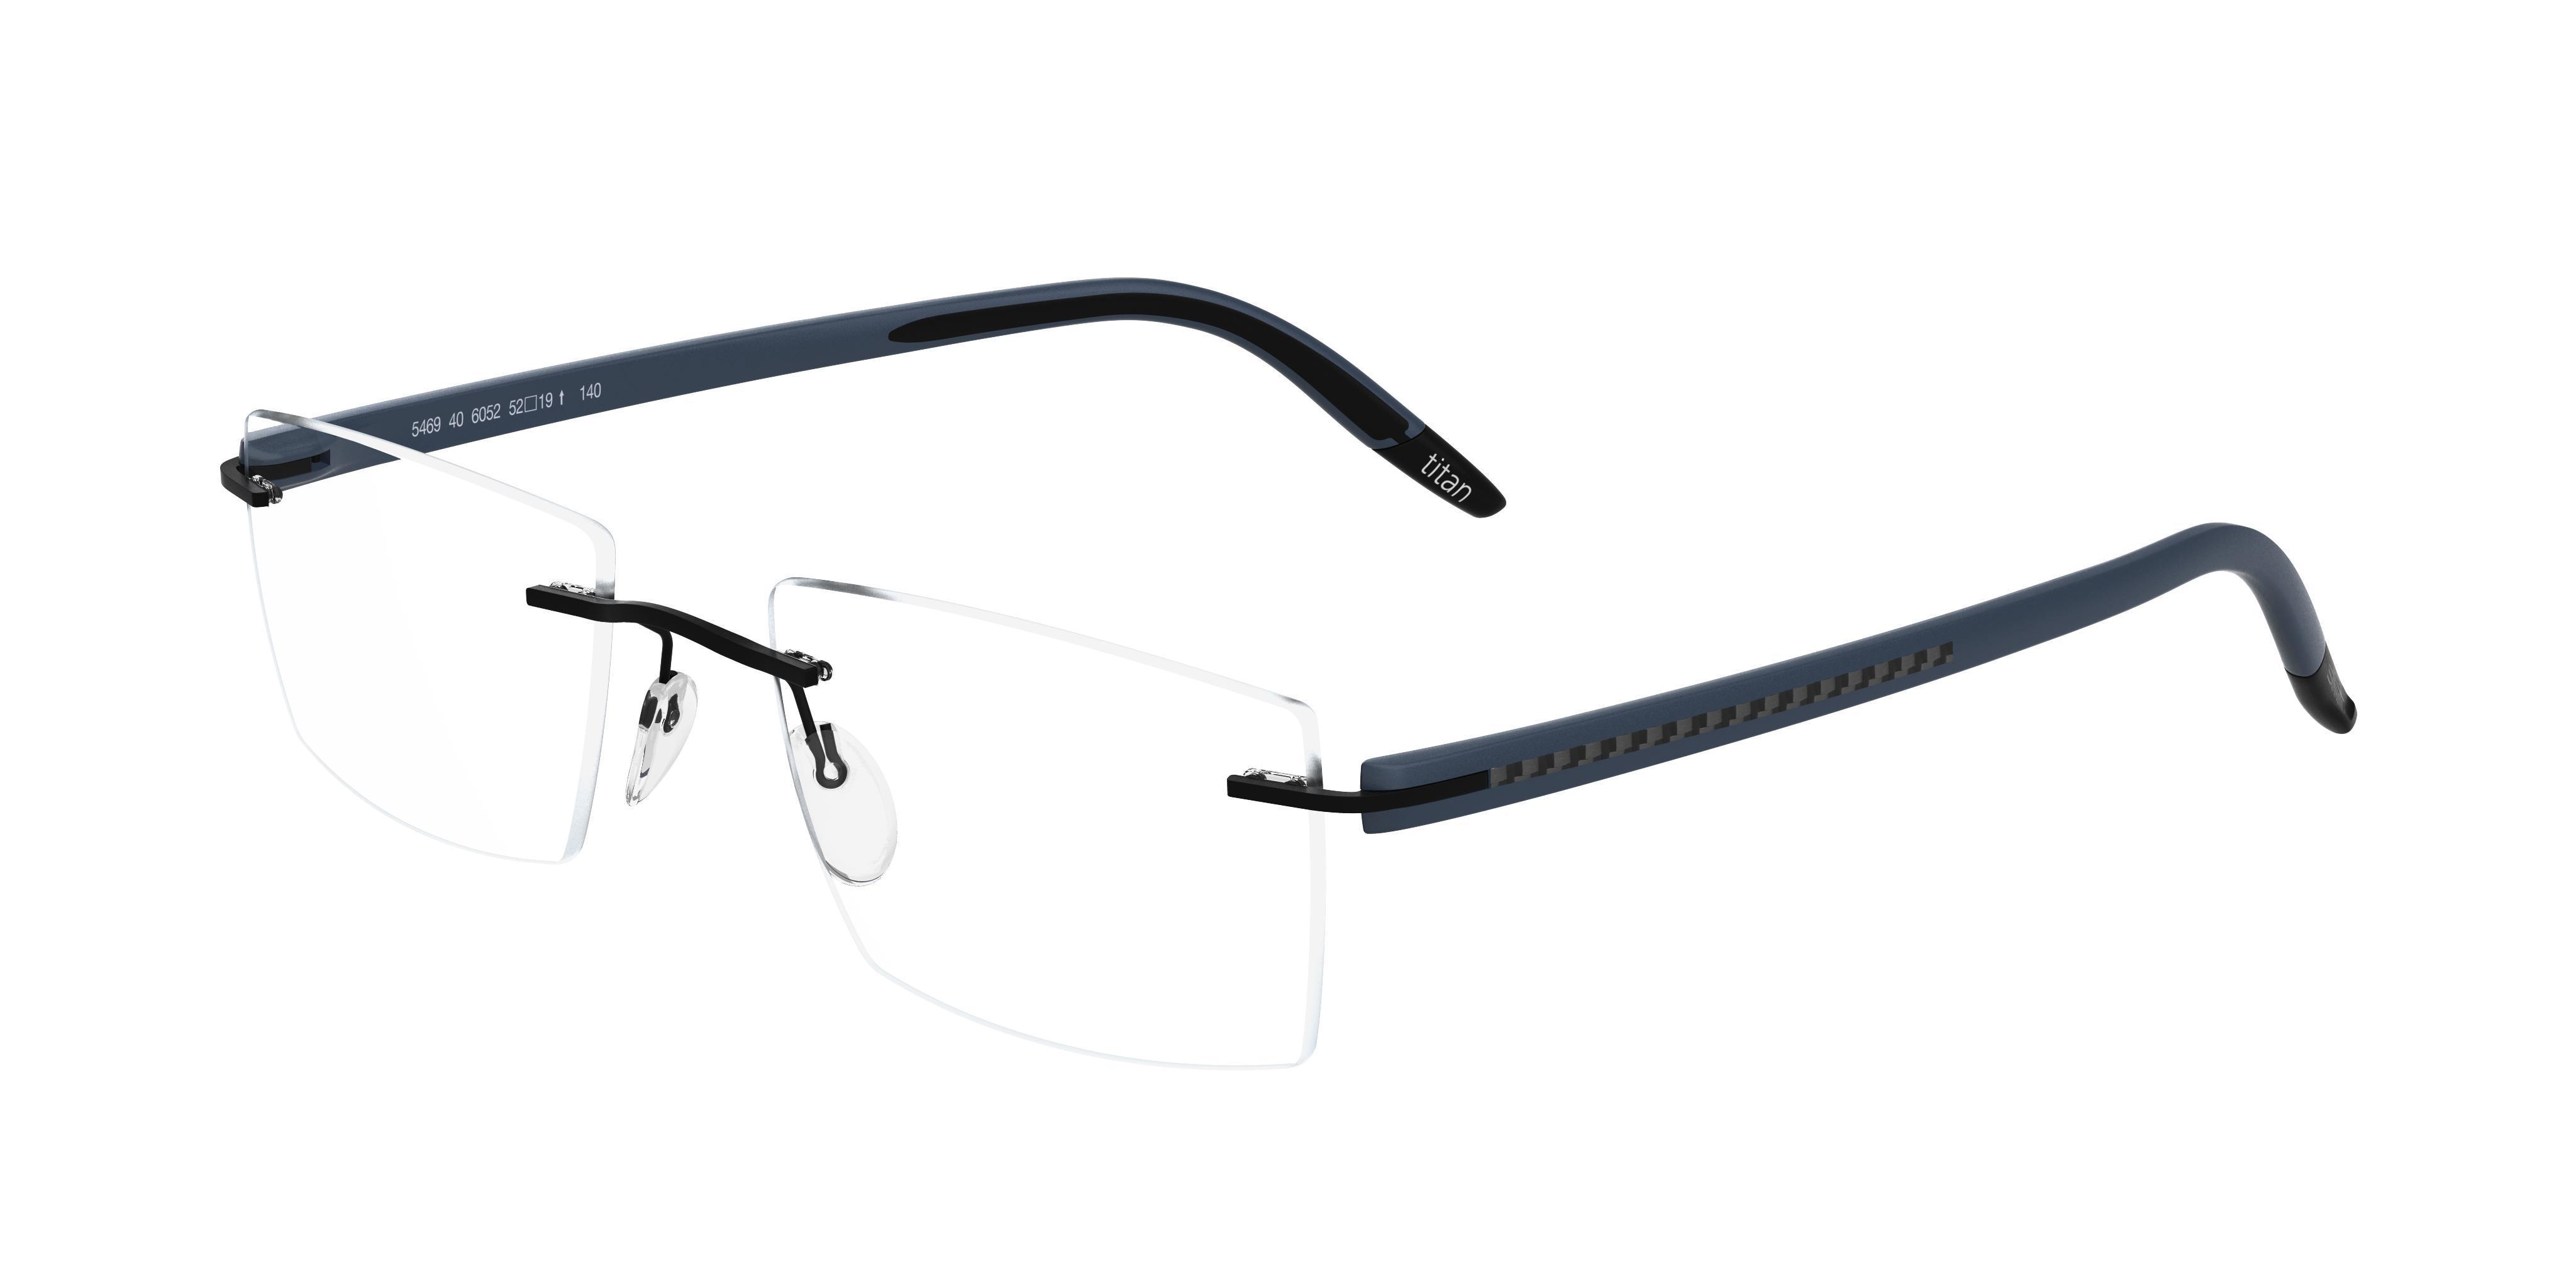 e1f378fa1337c Vision Service Opticians - Search page